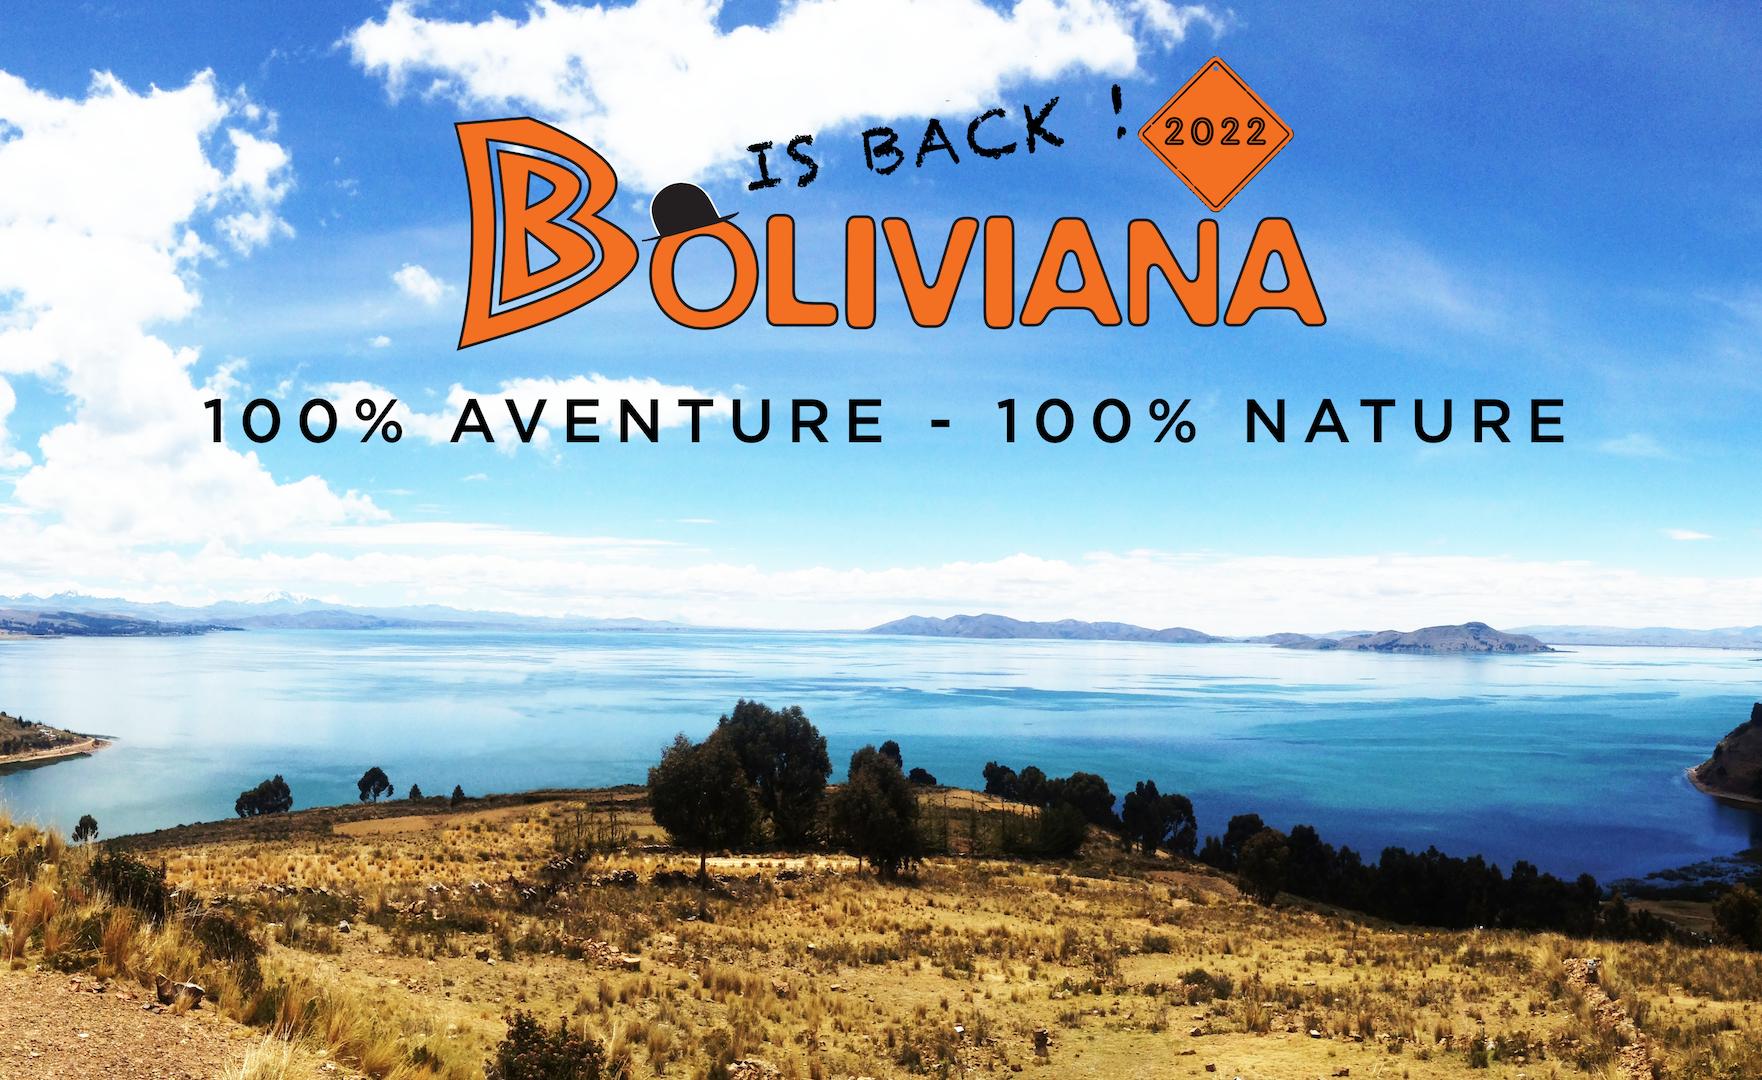 Boliviana 2022 - GO2EVENTS